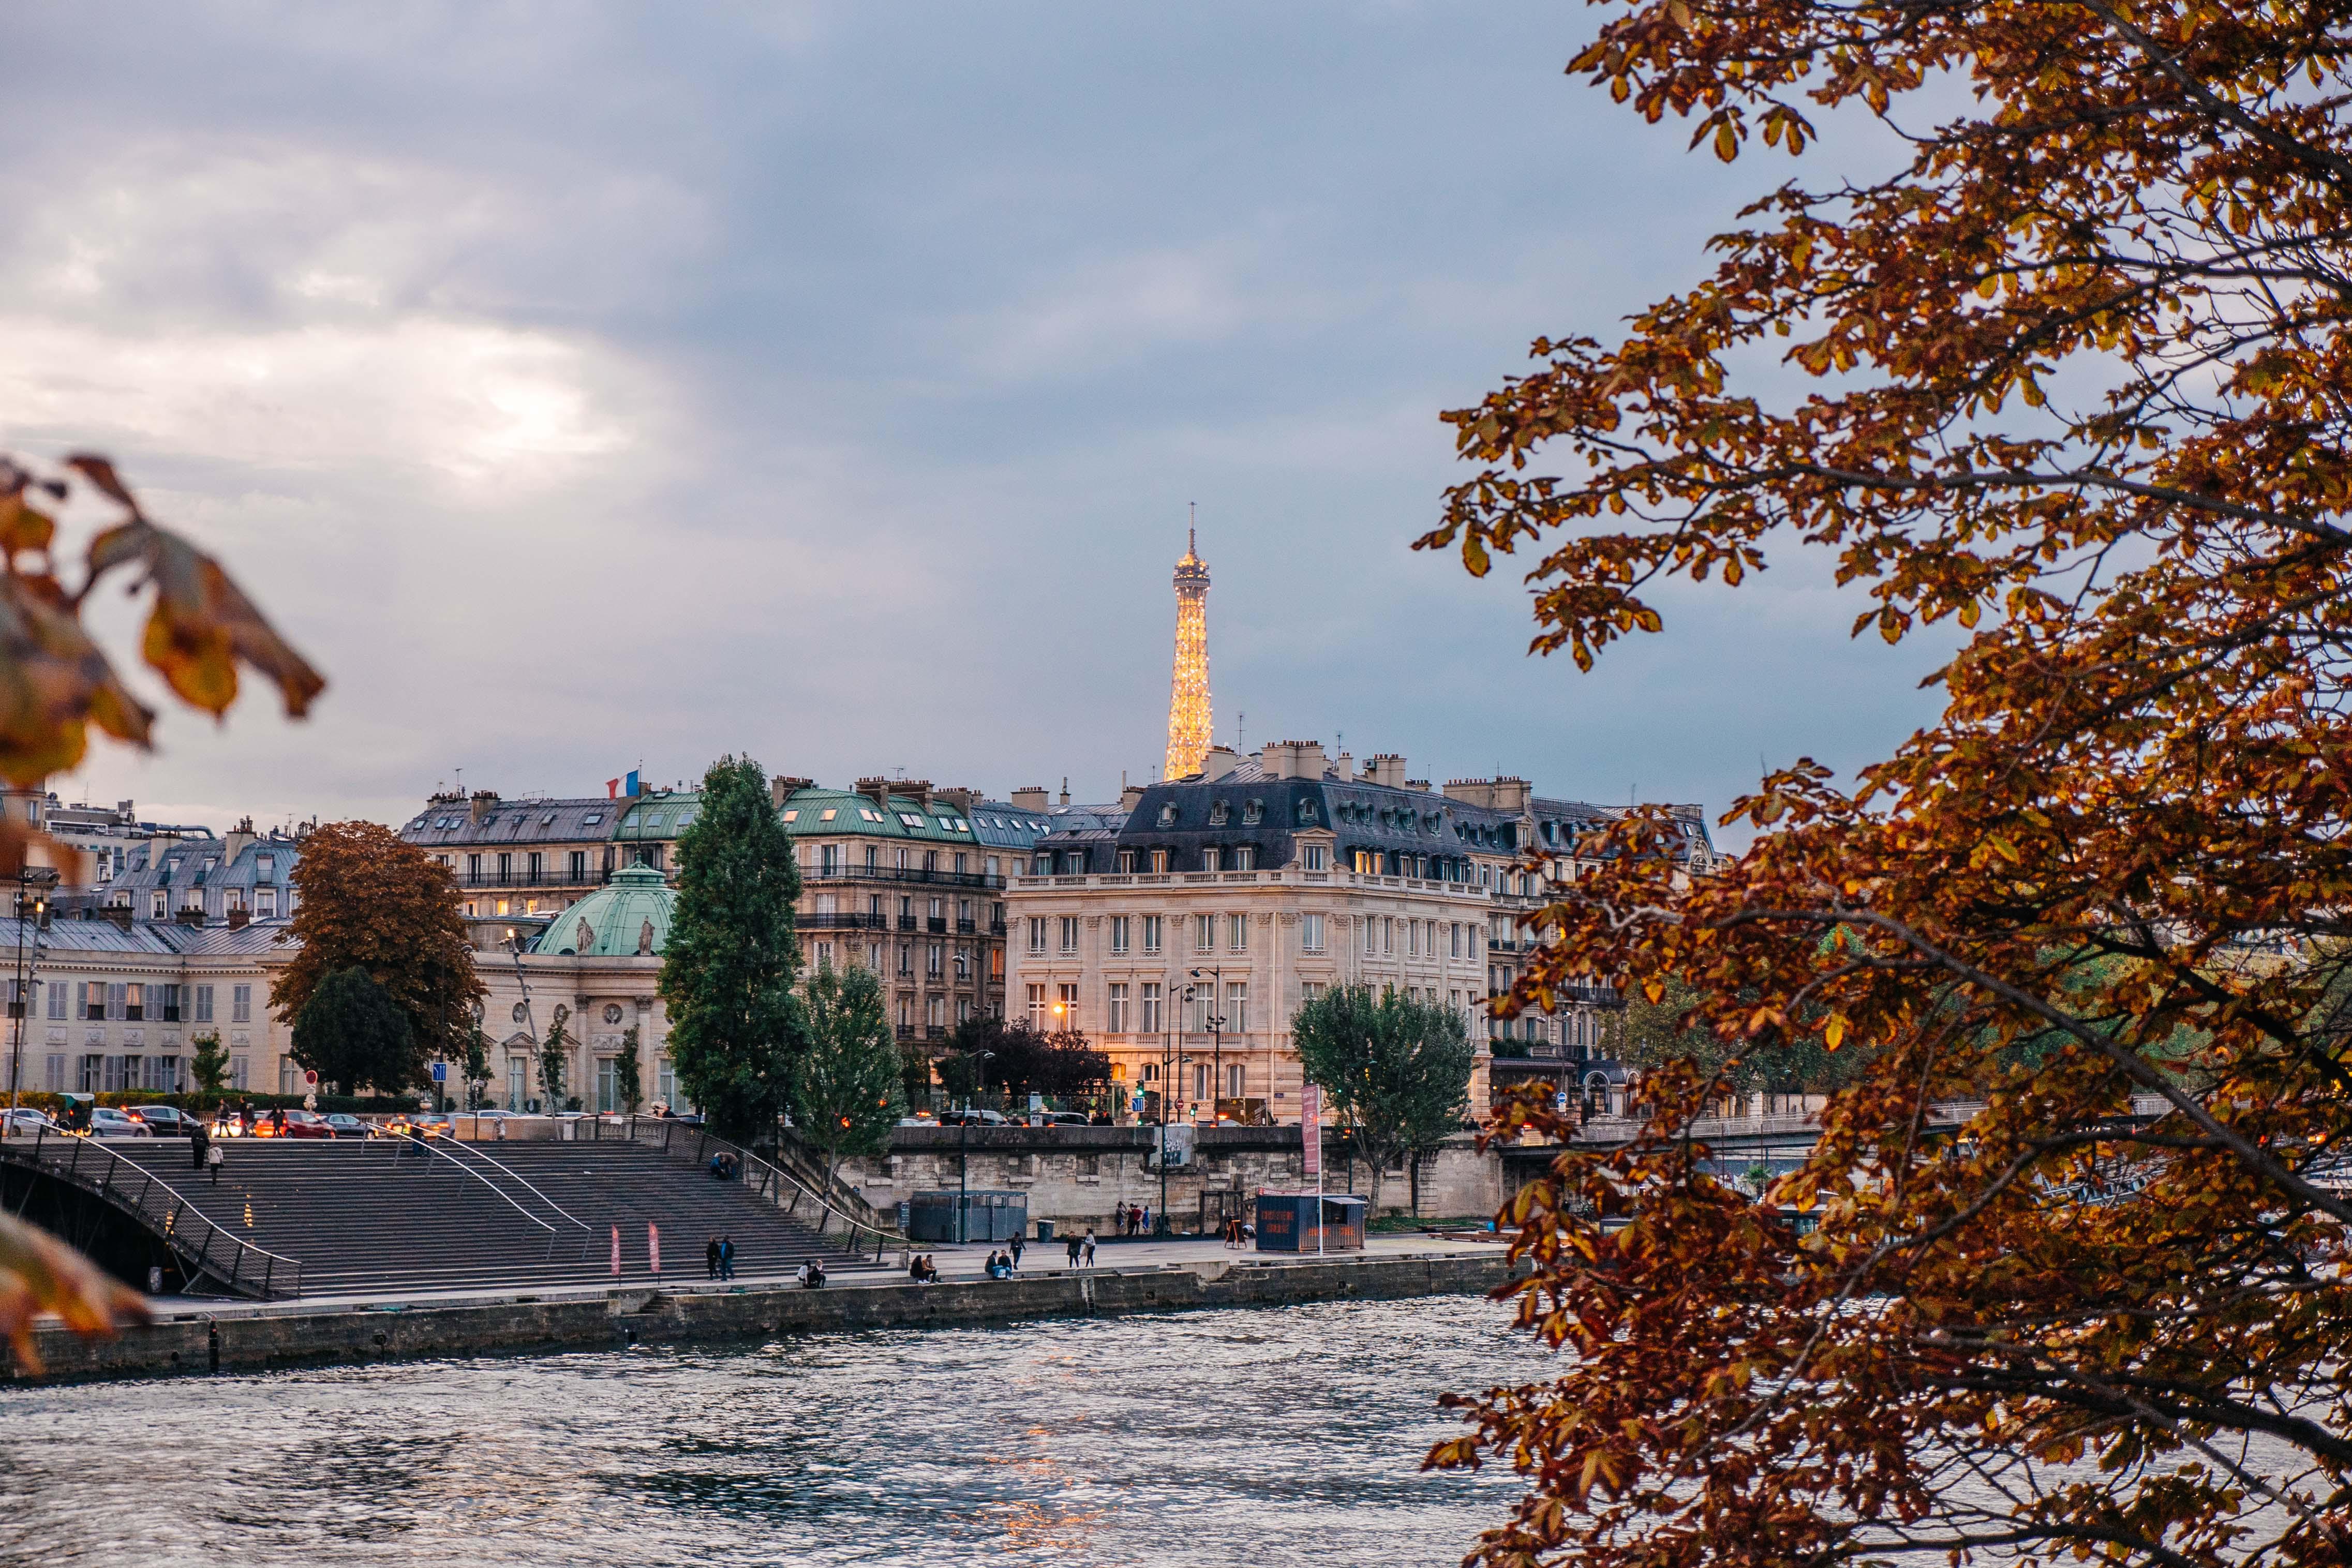 93423壁紙のダウンロードパリ, フランス, 川, 堤防, 波止場, 都市-スクリーンセーバーと写真を無料で